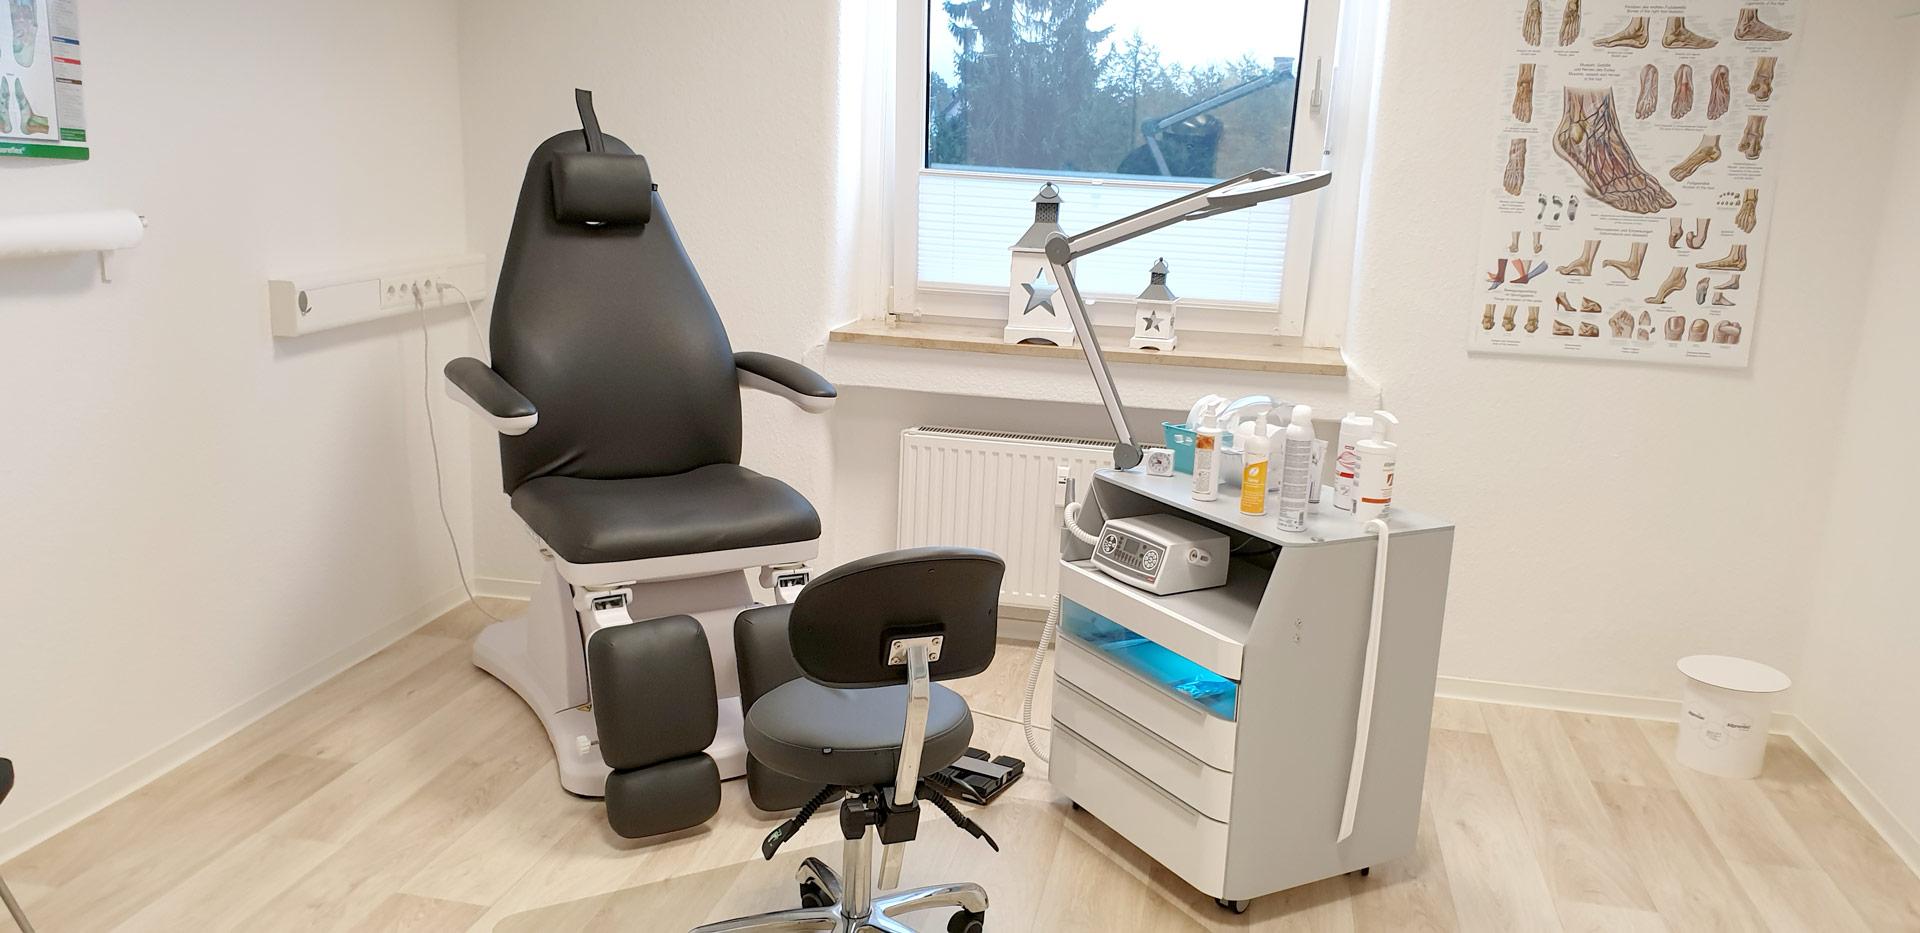 Behandlungszimmer mit Arbeitswagen und Behandlungssessel